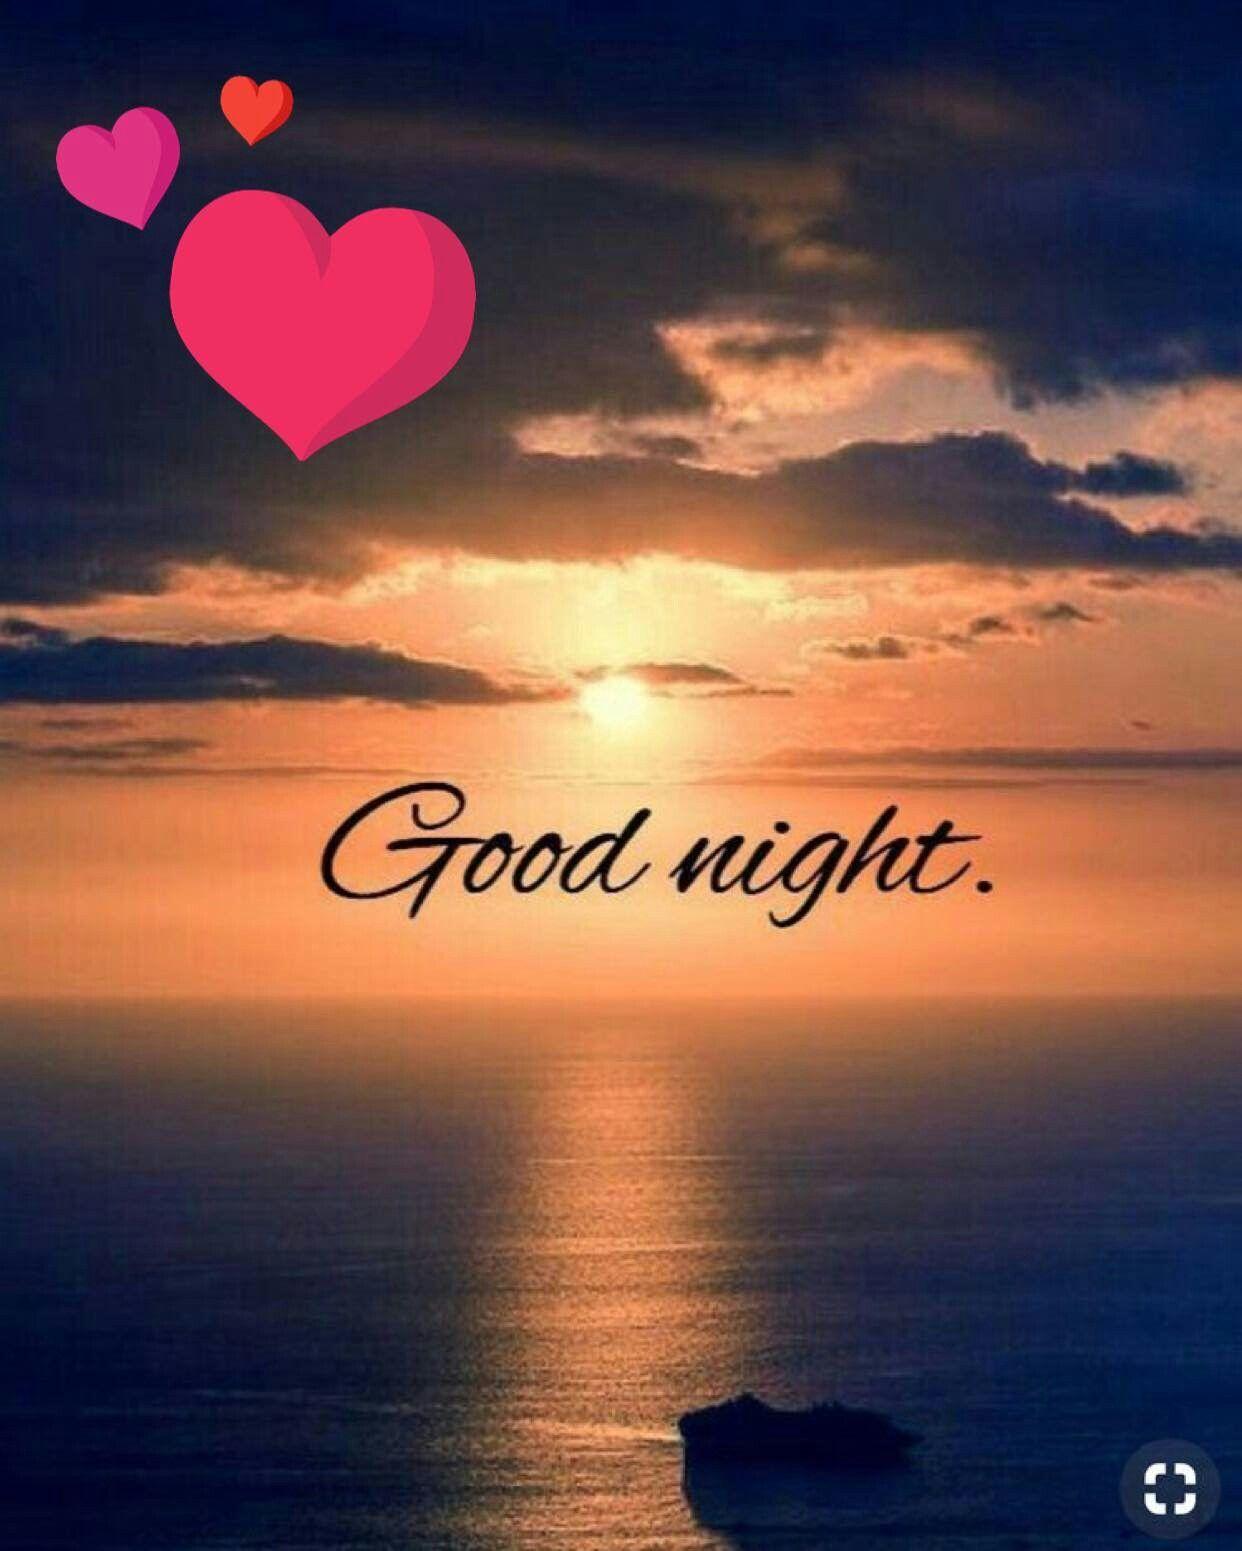 Danke. Ich werde wieder von dir träumen, Daizo💗. Schlaf gut, Liebling. 🌃